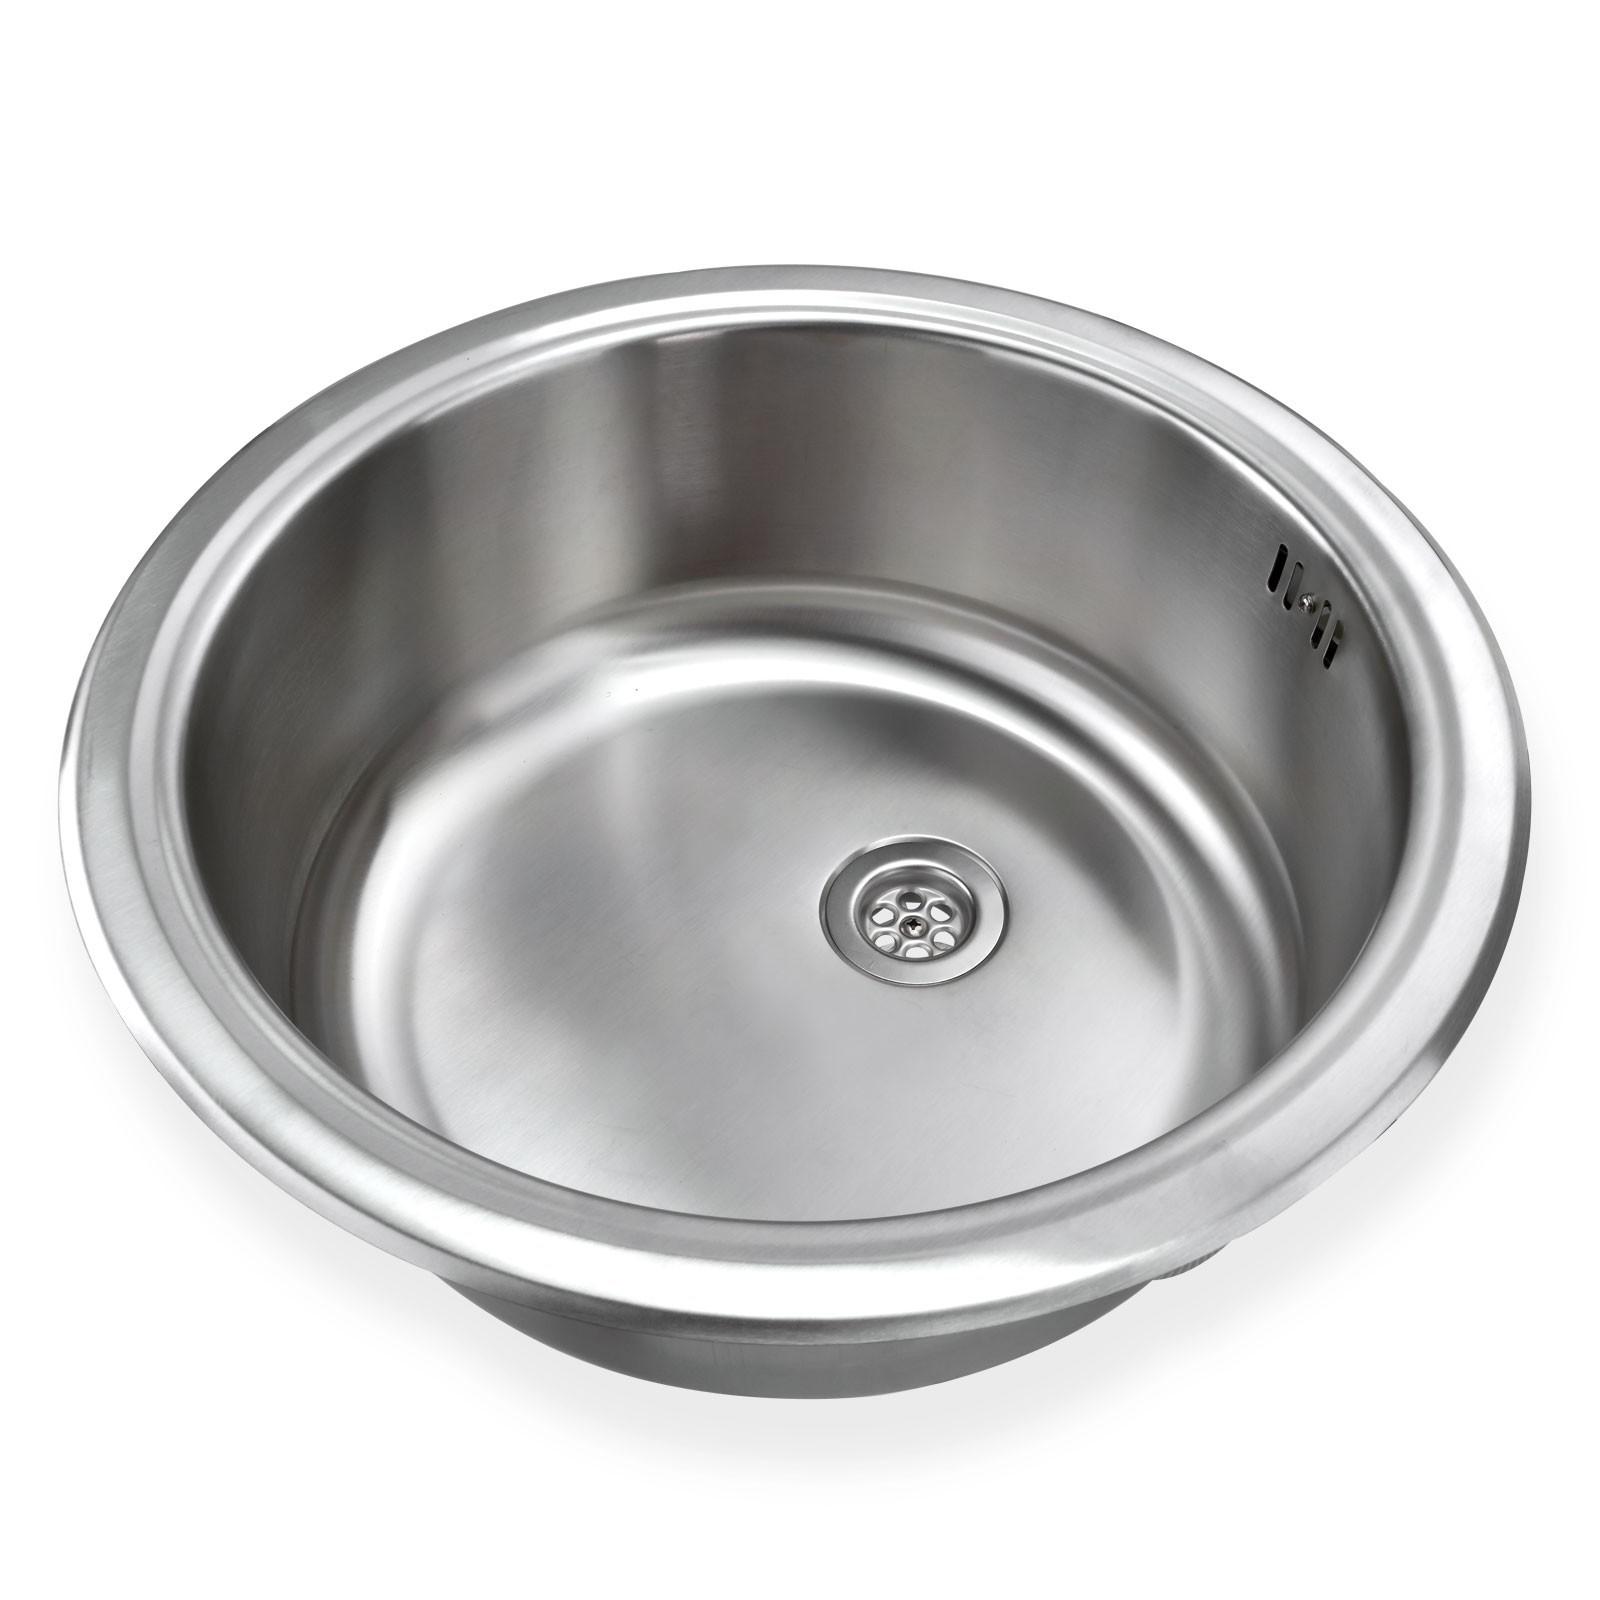 Edelstahl Einbauspüle Ronda1 Waschbecken Spüle Küchenspüle rund